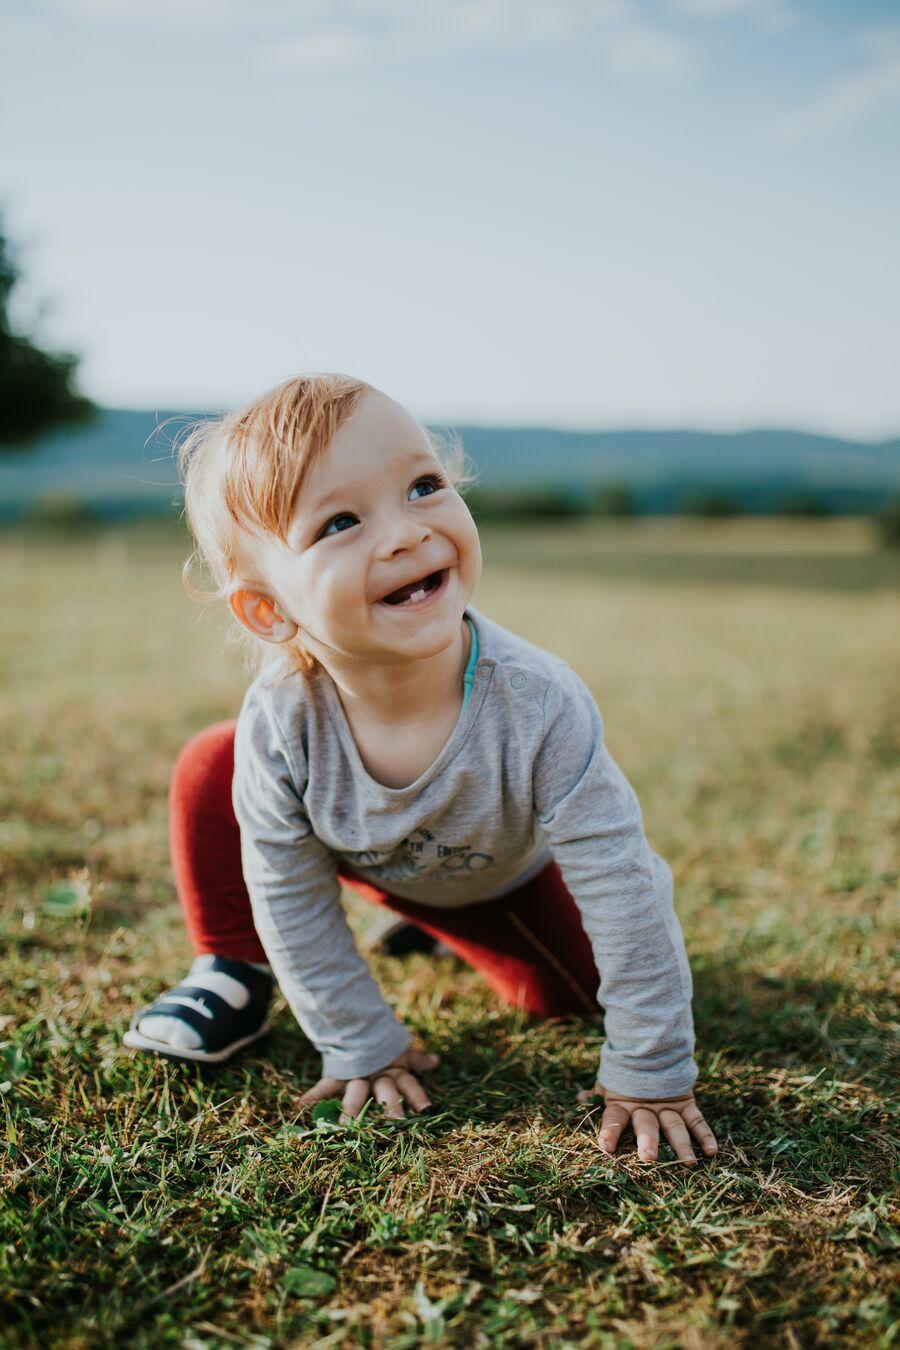 baby på græs